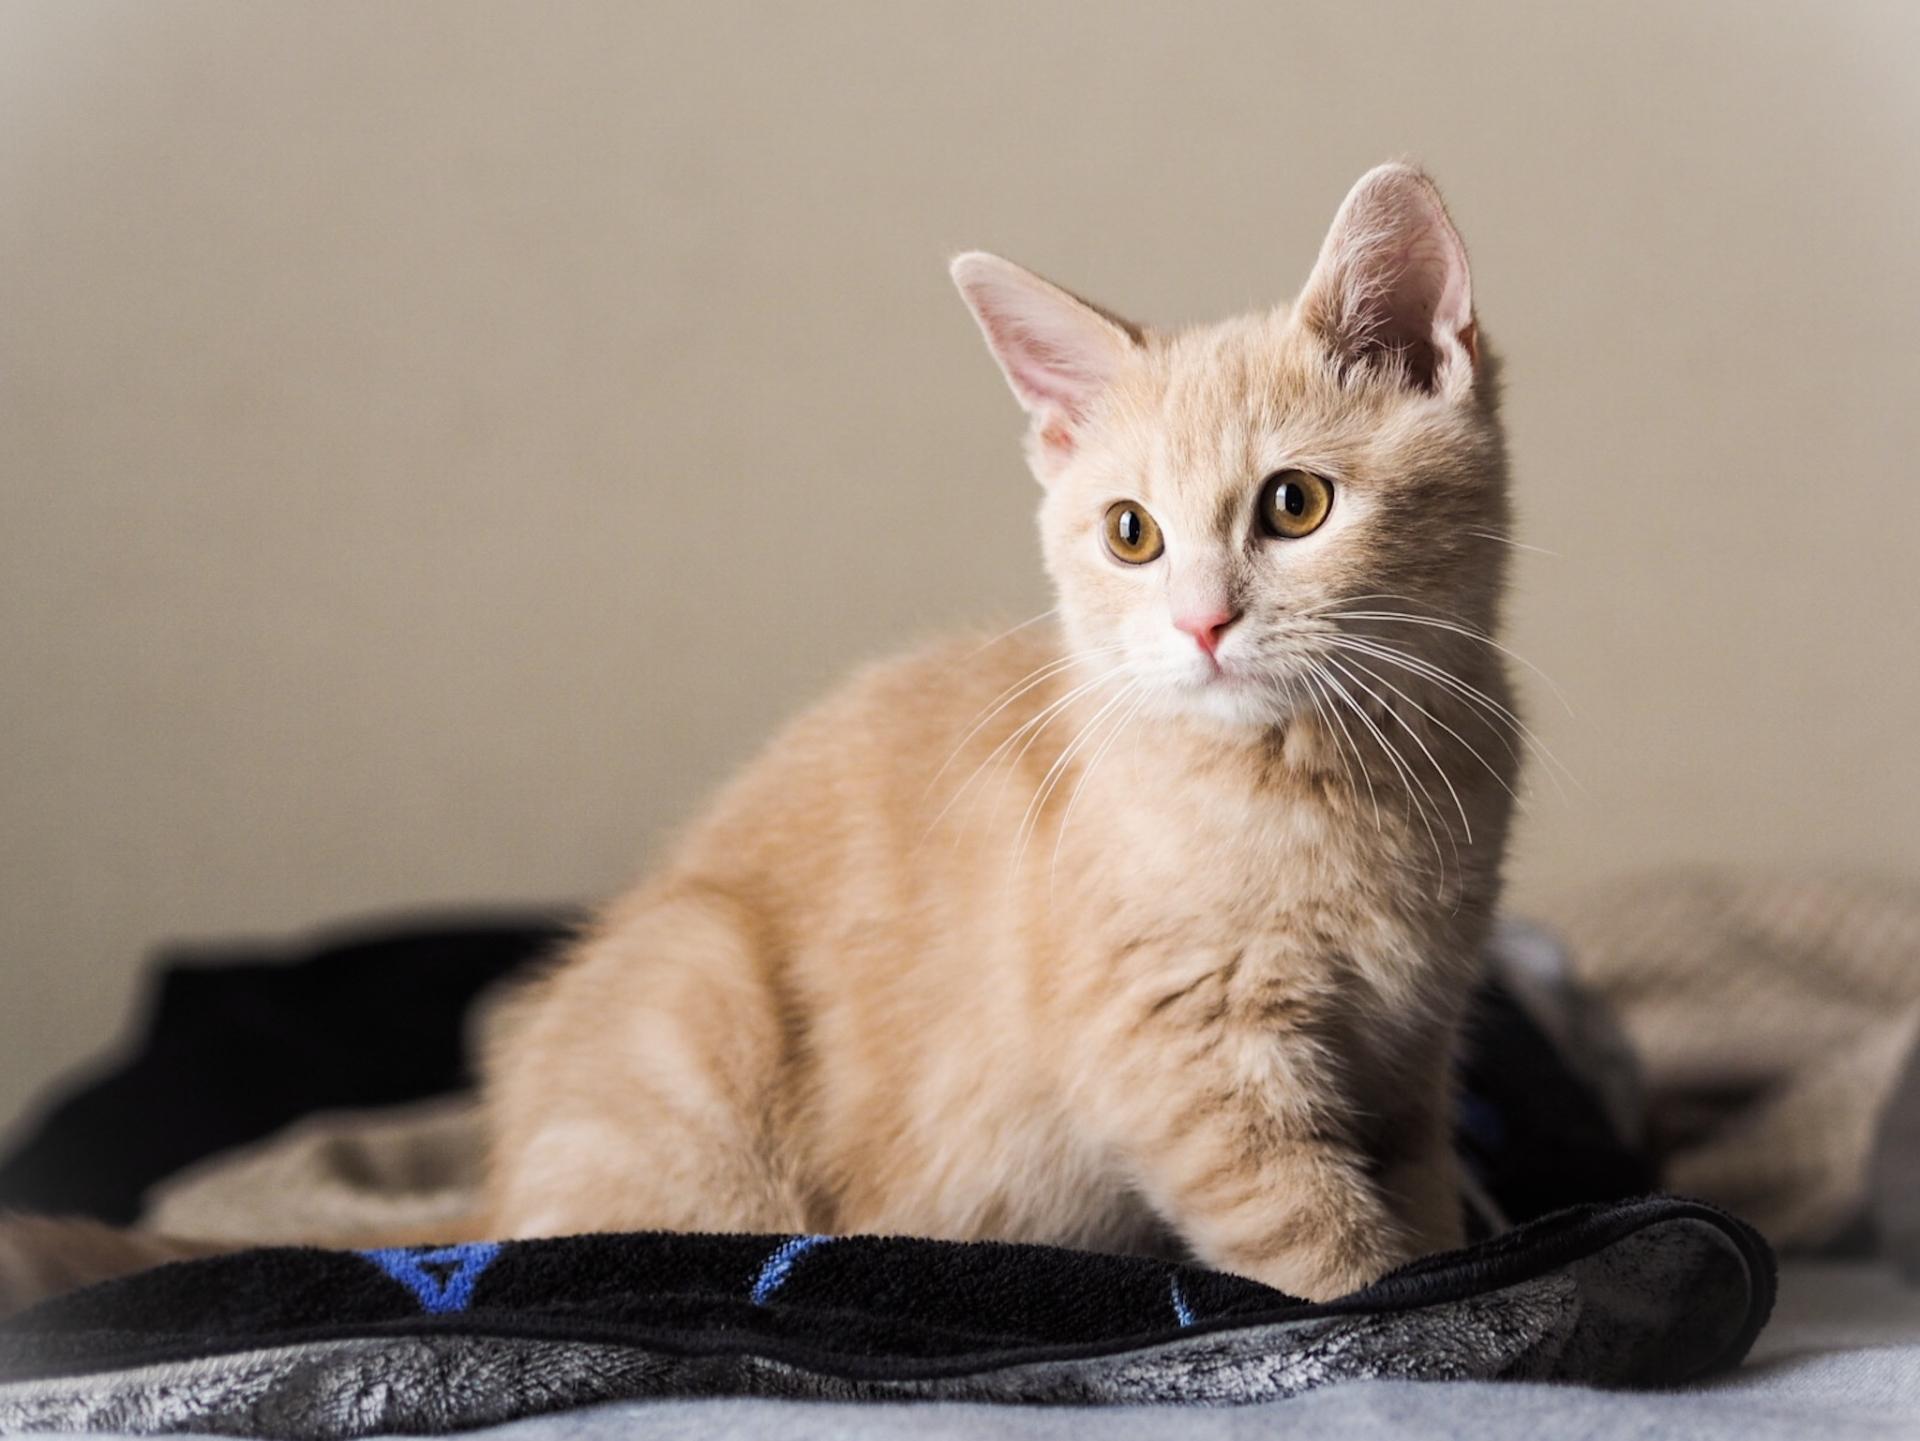 マンチカン子猫の画像集!初めて飼うあなたに検索に便利な色柄別